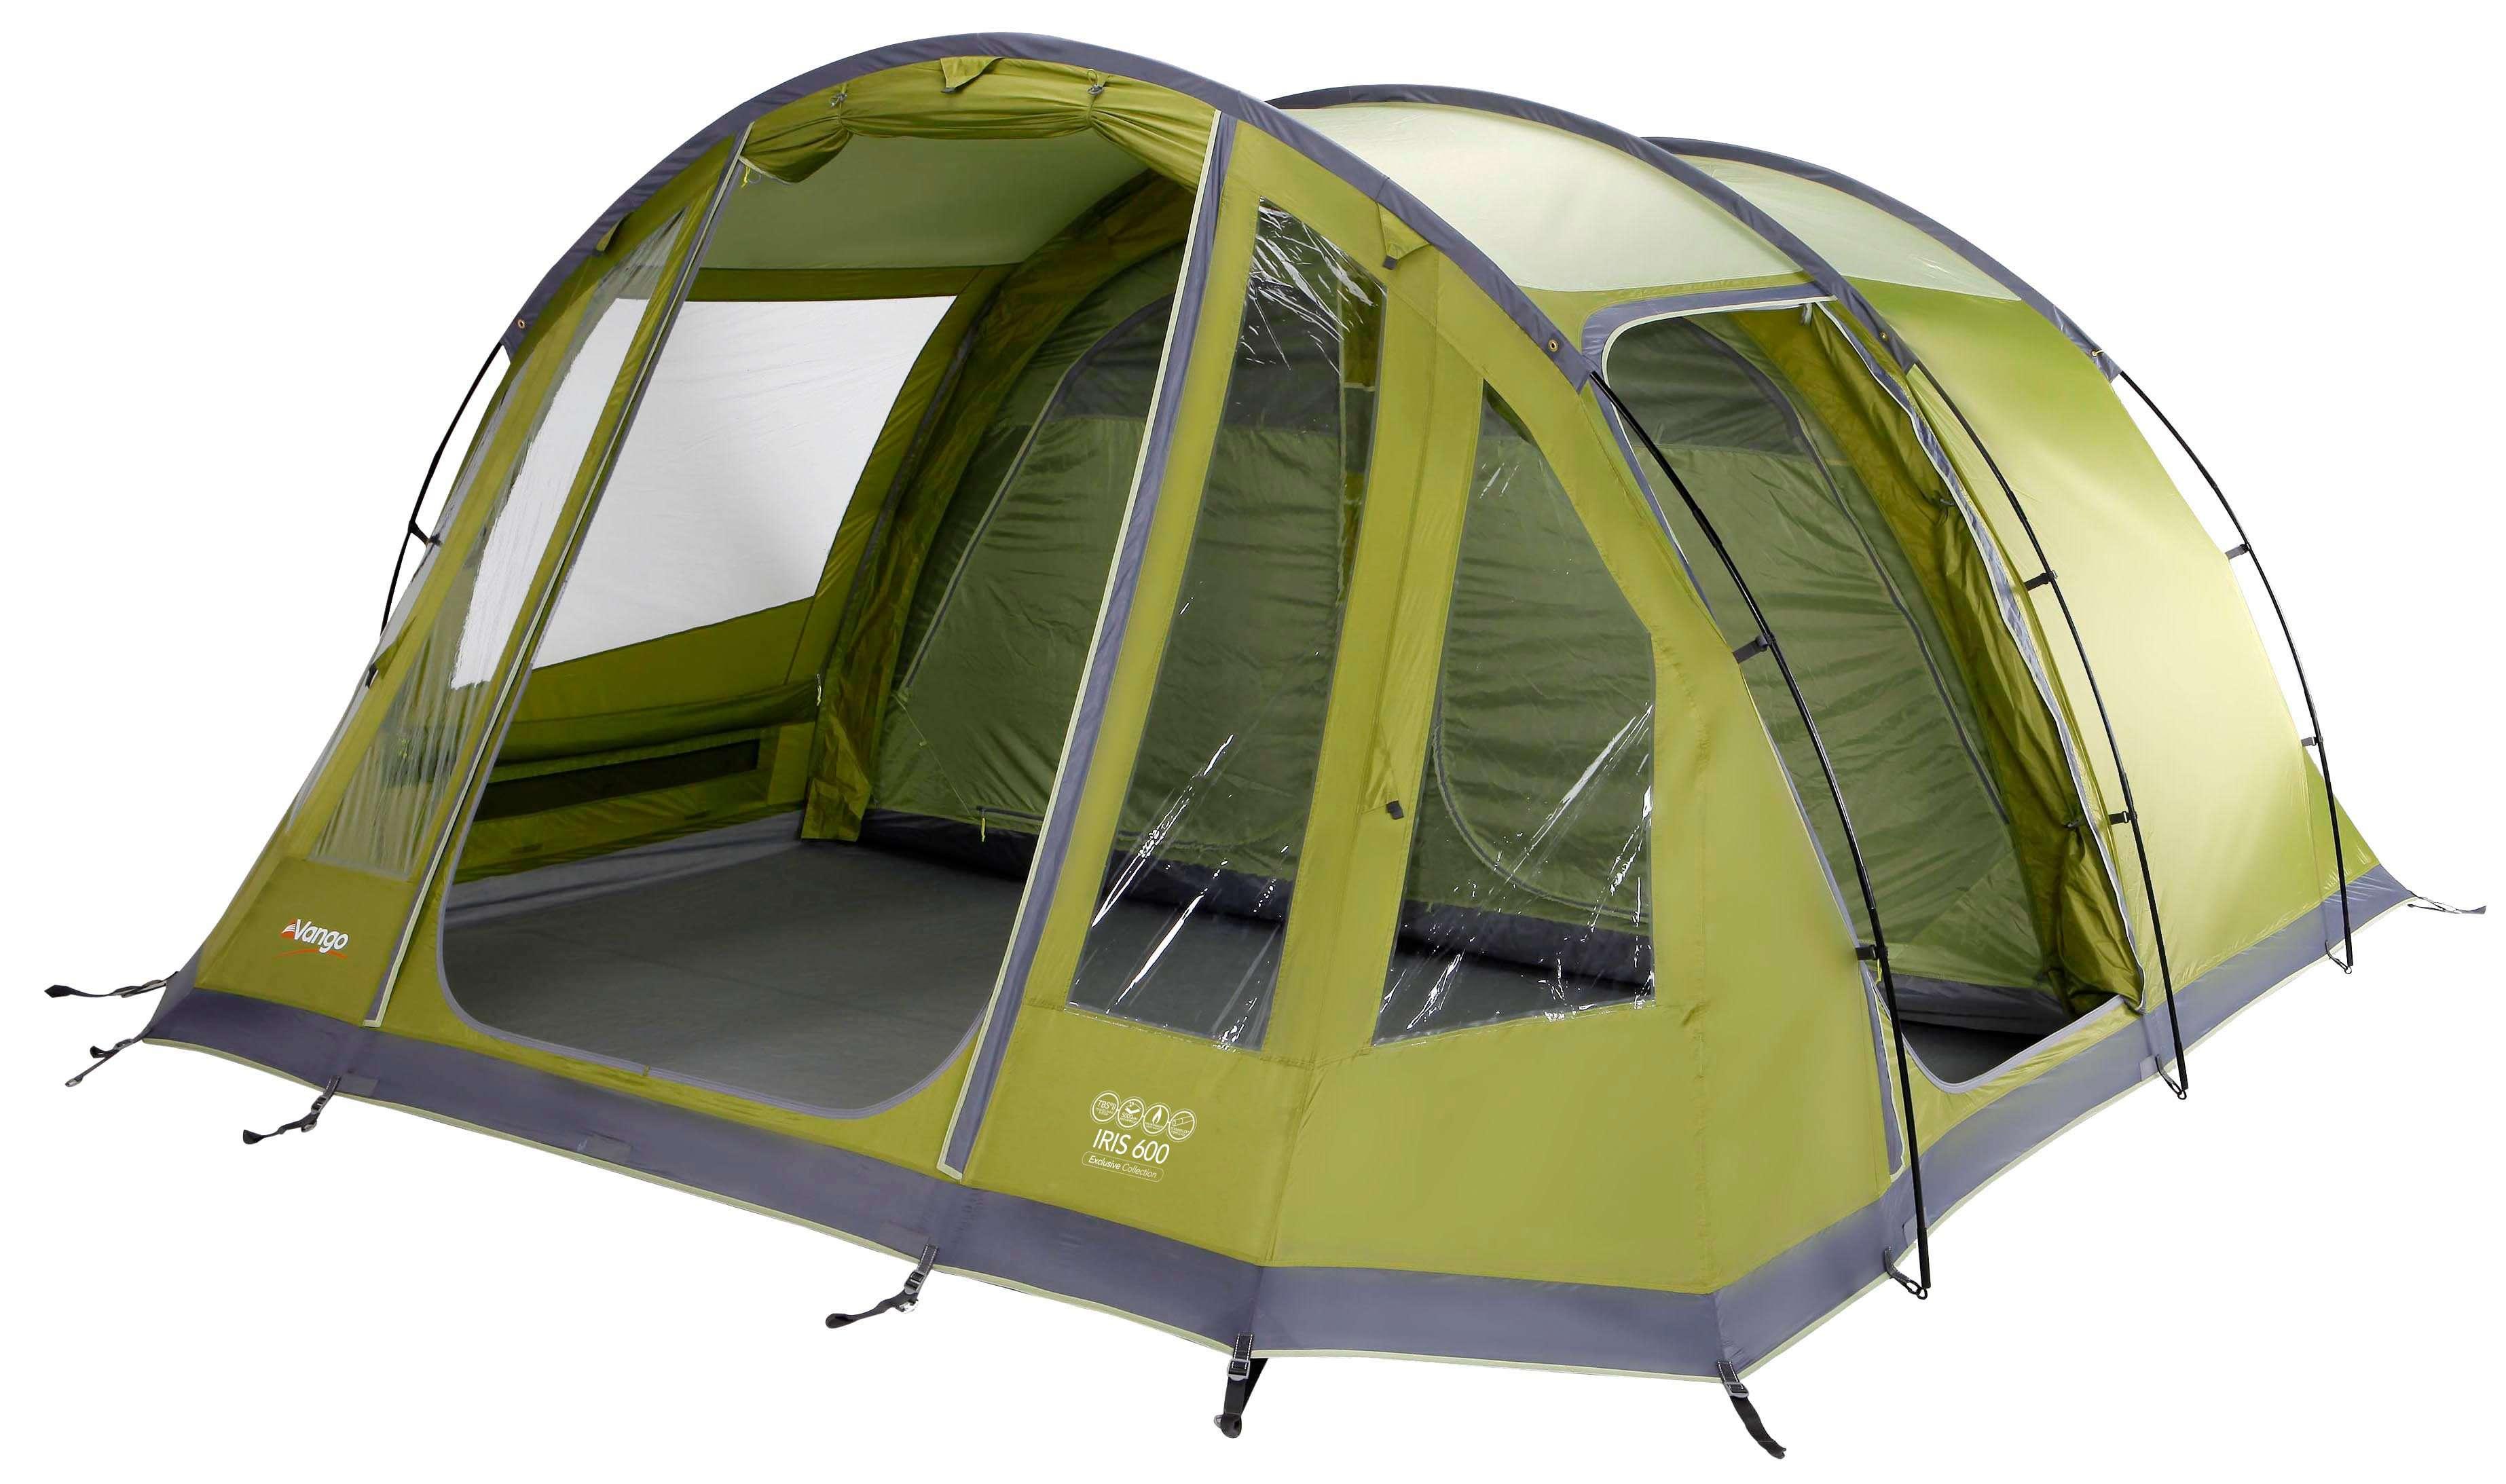 VANGO Iris 600 Family Tent